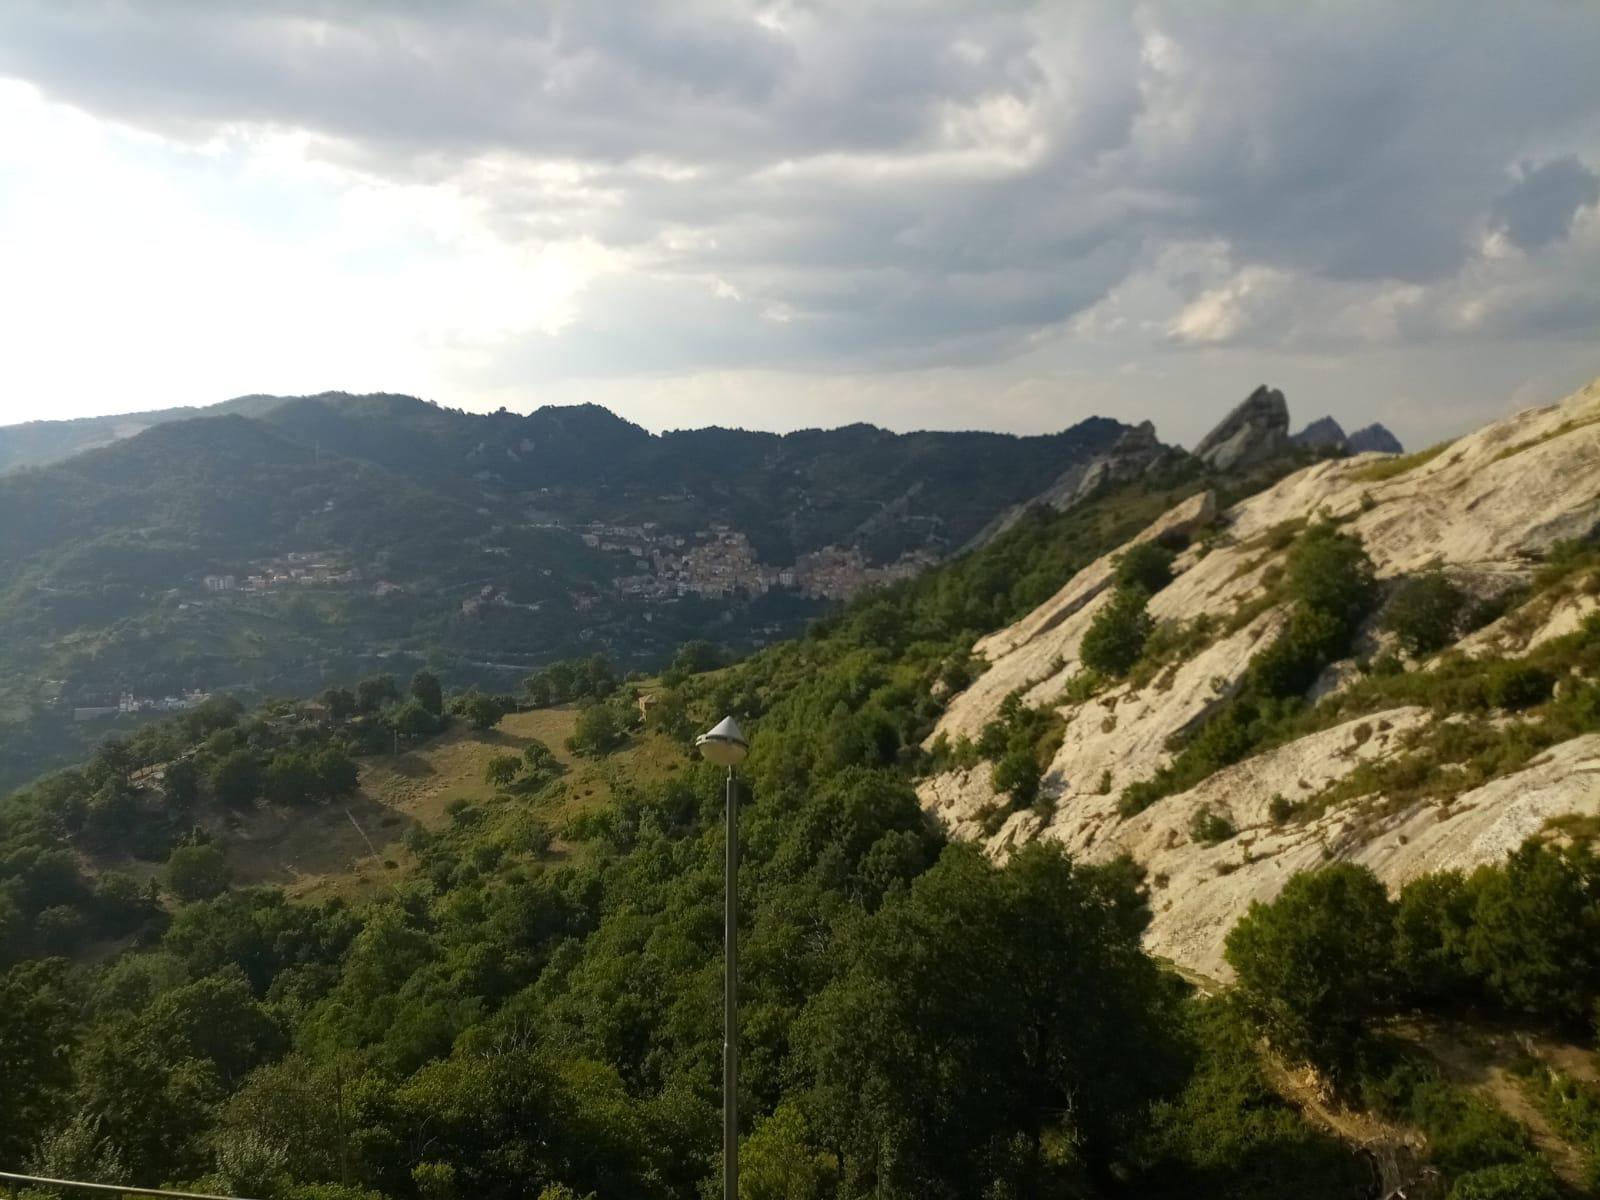 2db2339a-7eea-47a0-a6fe-d9bdc9346578 Le Dolomiti Lucane, il cuore della Basilicata.